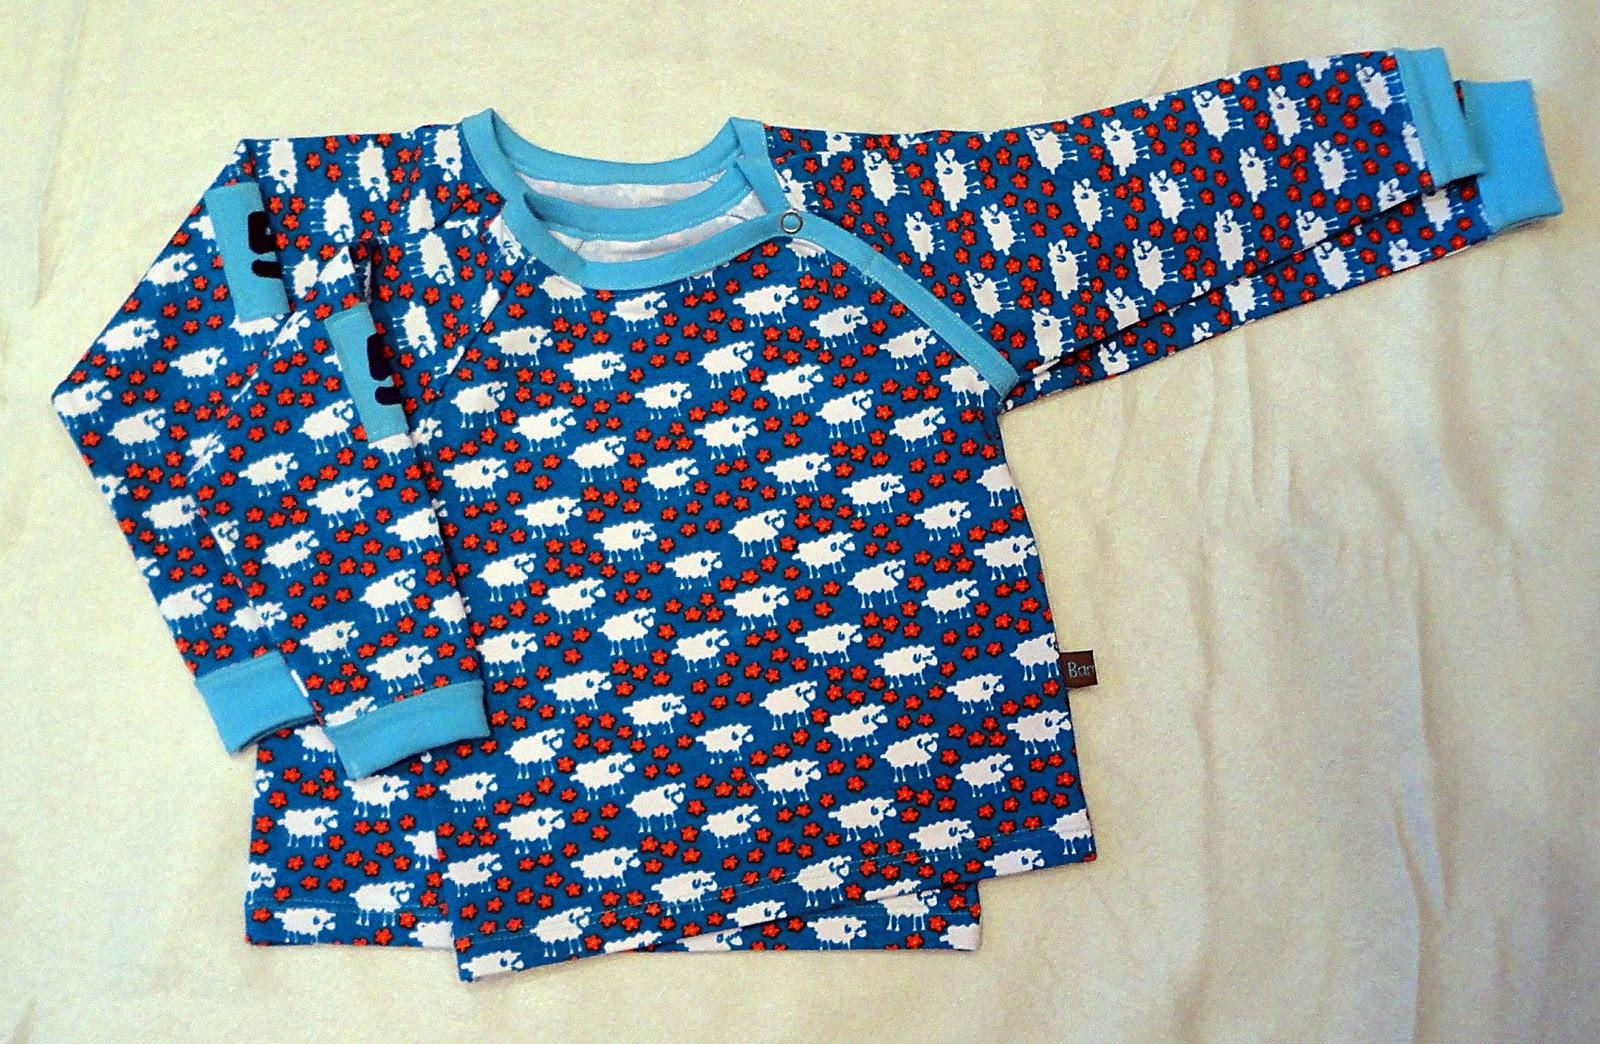 Långärmade tröjor sydda i mörkturkos ekologisk bomull(90%)  lycra(10%) med  retro fårtryck. Tryckknapp i tröjans vänstra raglansöm för lättare av   påklädnad 1d05fd6aaf86e